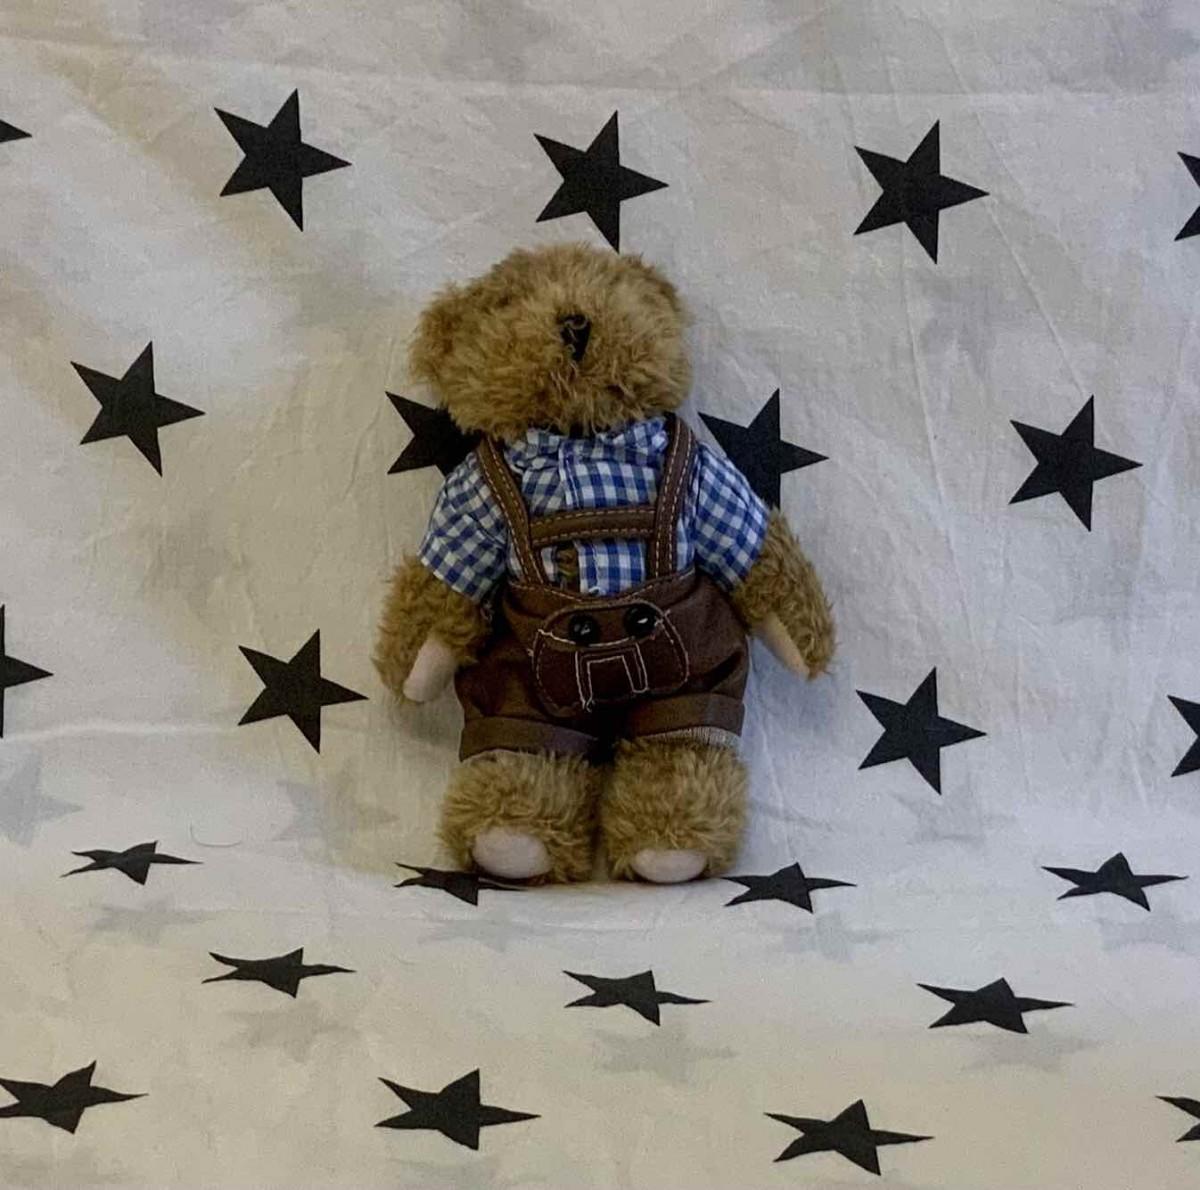 Brown Bear in playsuit